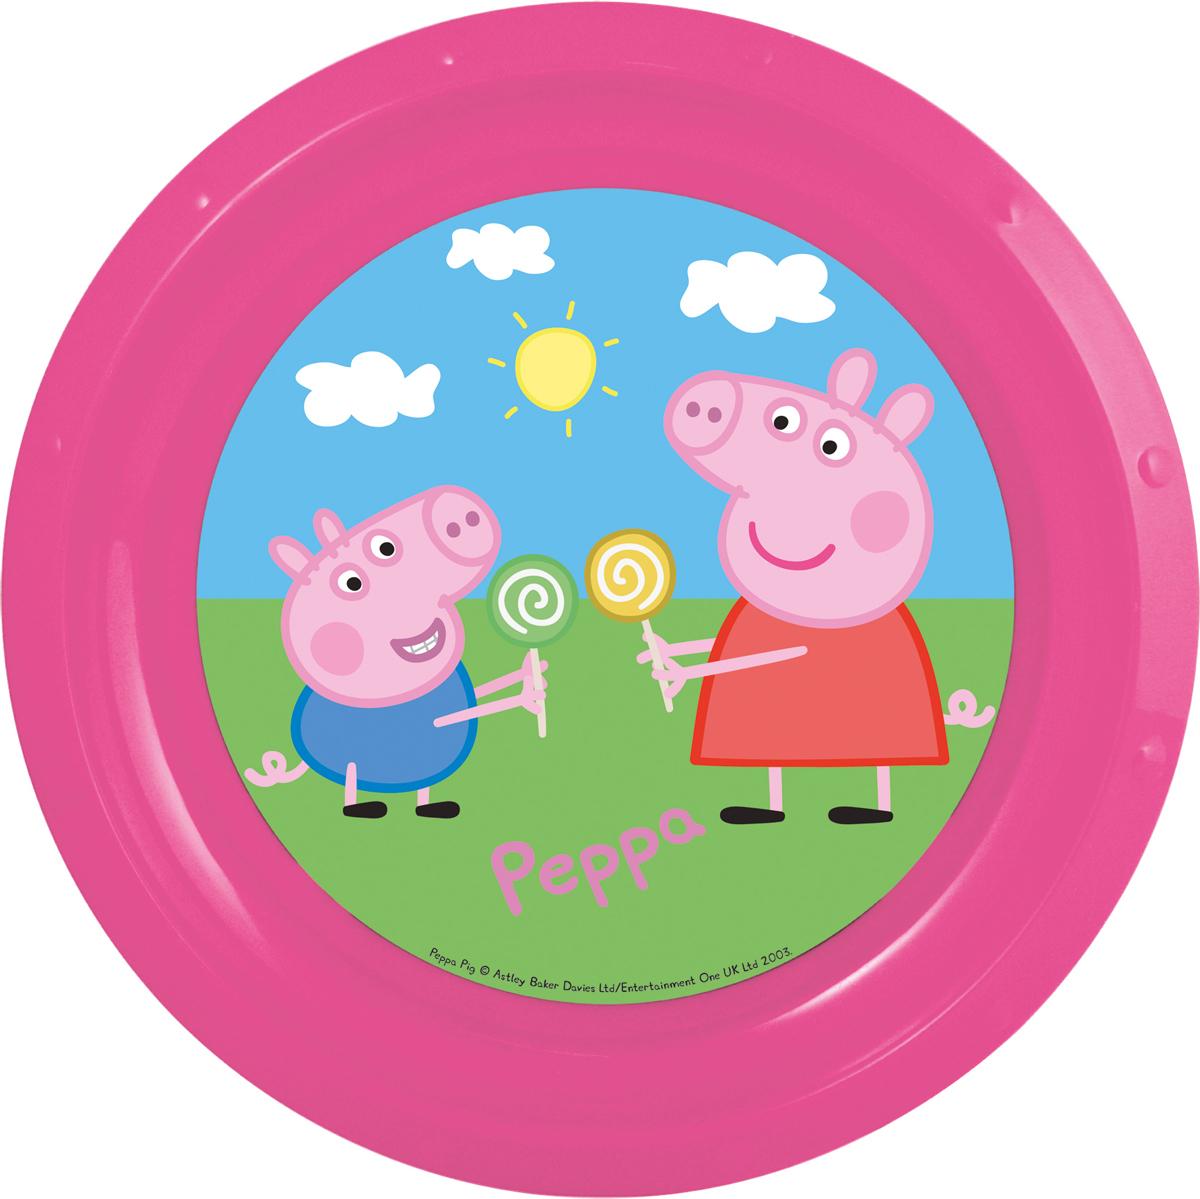 Тарелка детская Свинка Пеппа диаметром 21,5 см.